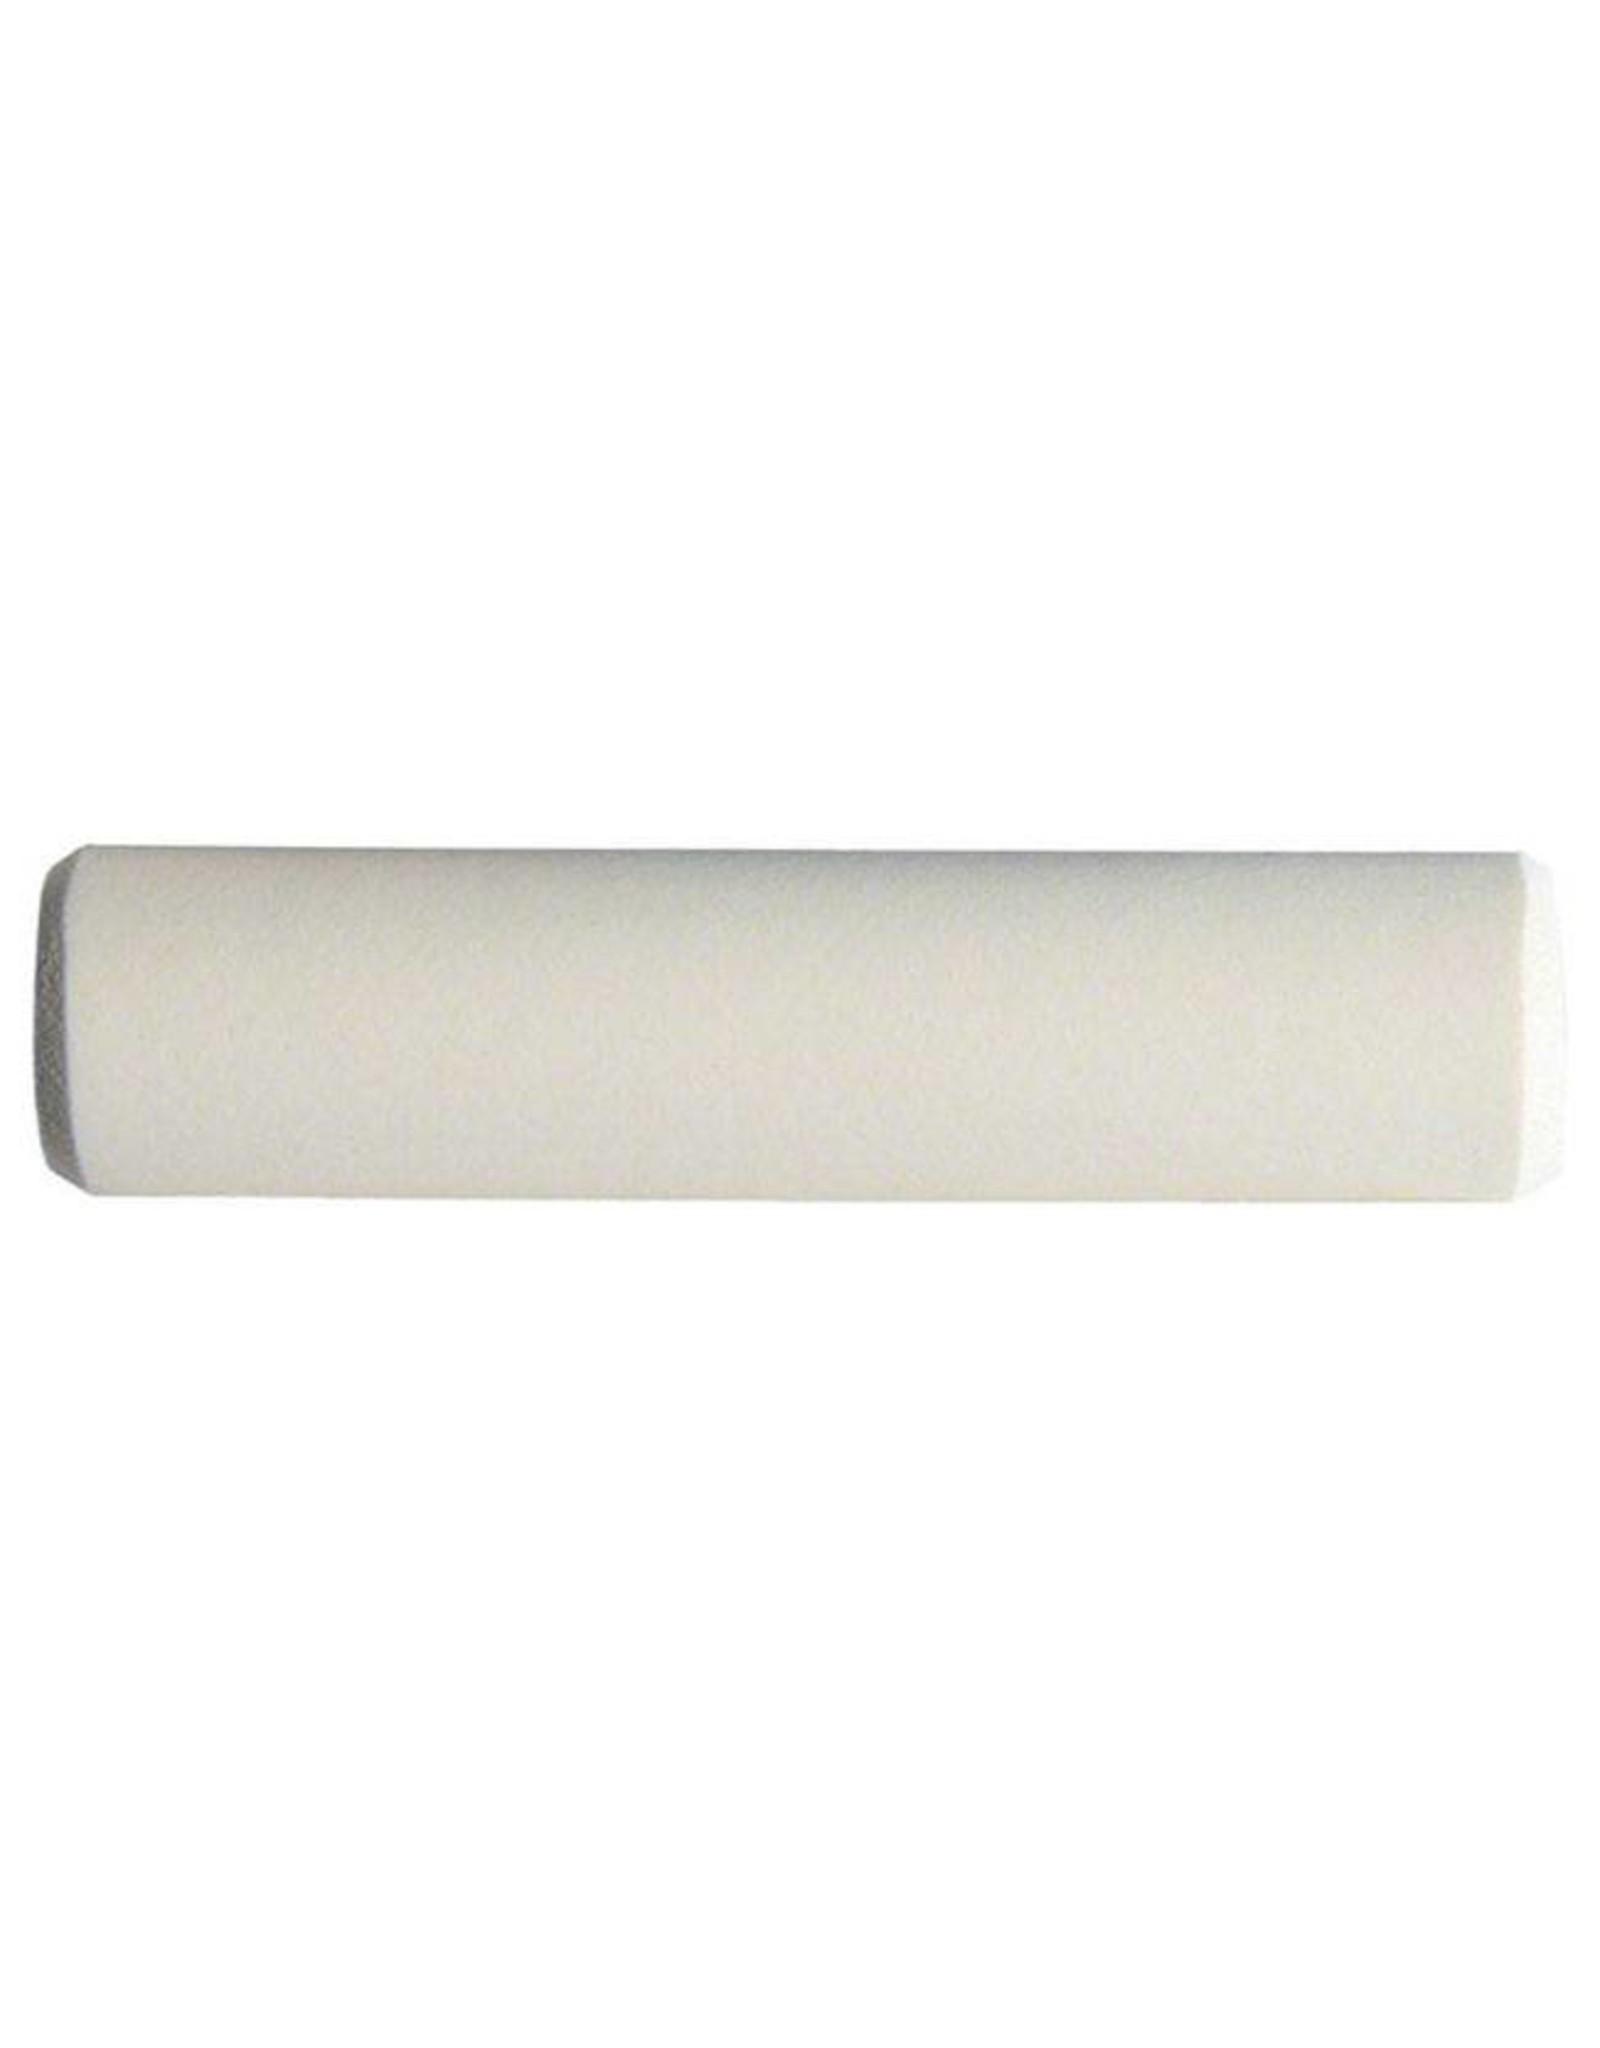 ESI ESI 32mm Chunky Silicone Grips: White